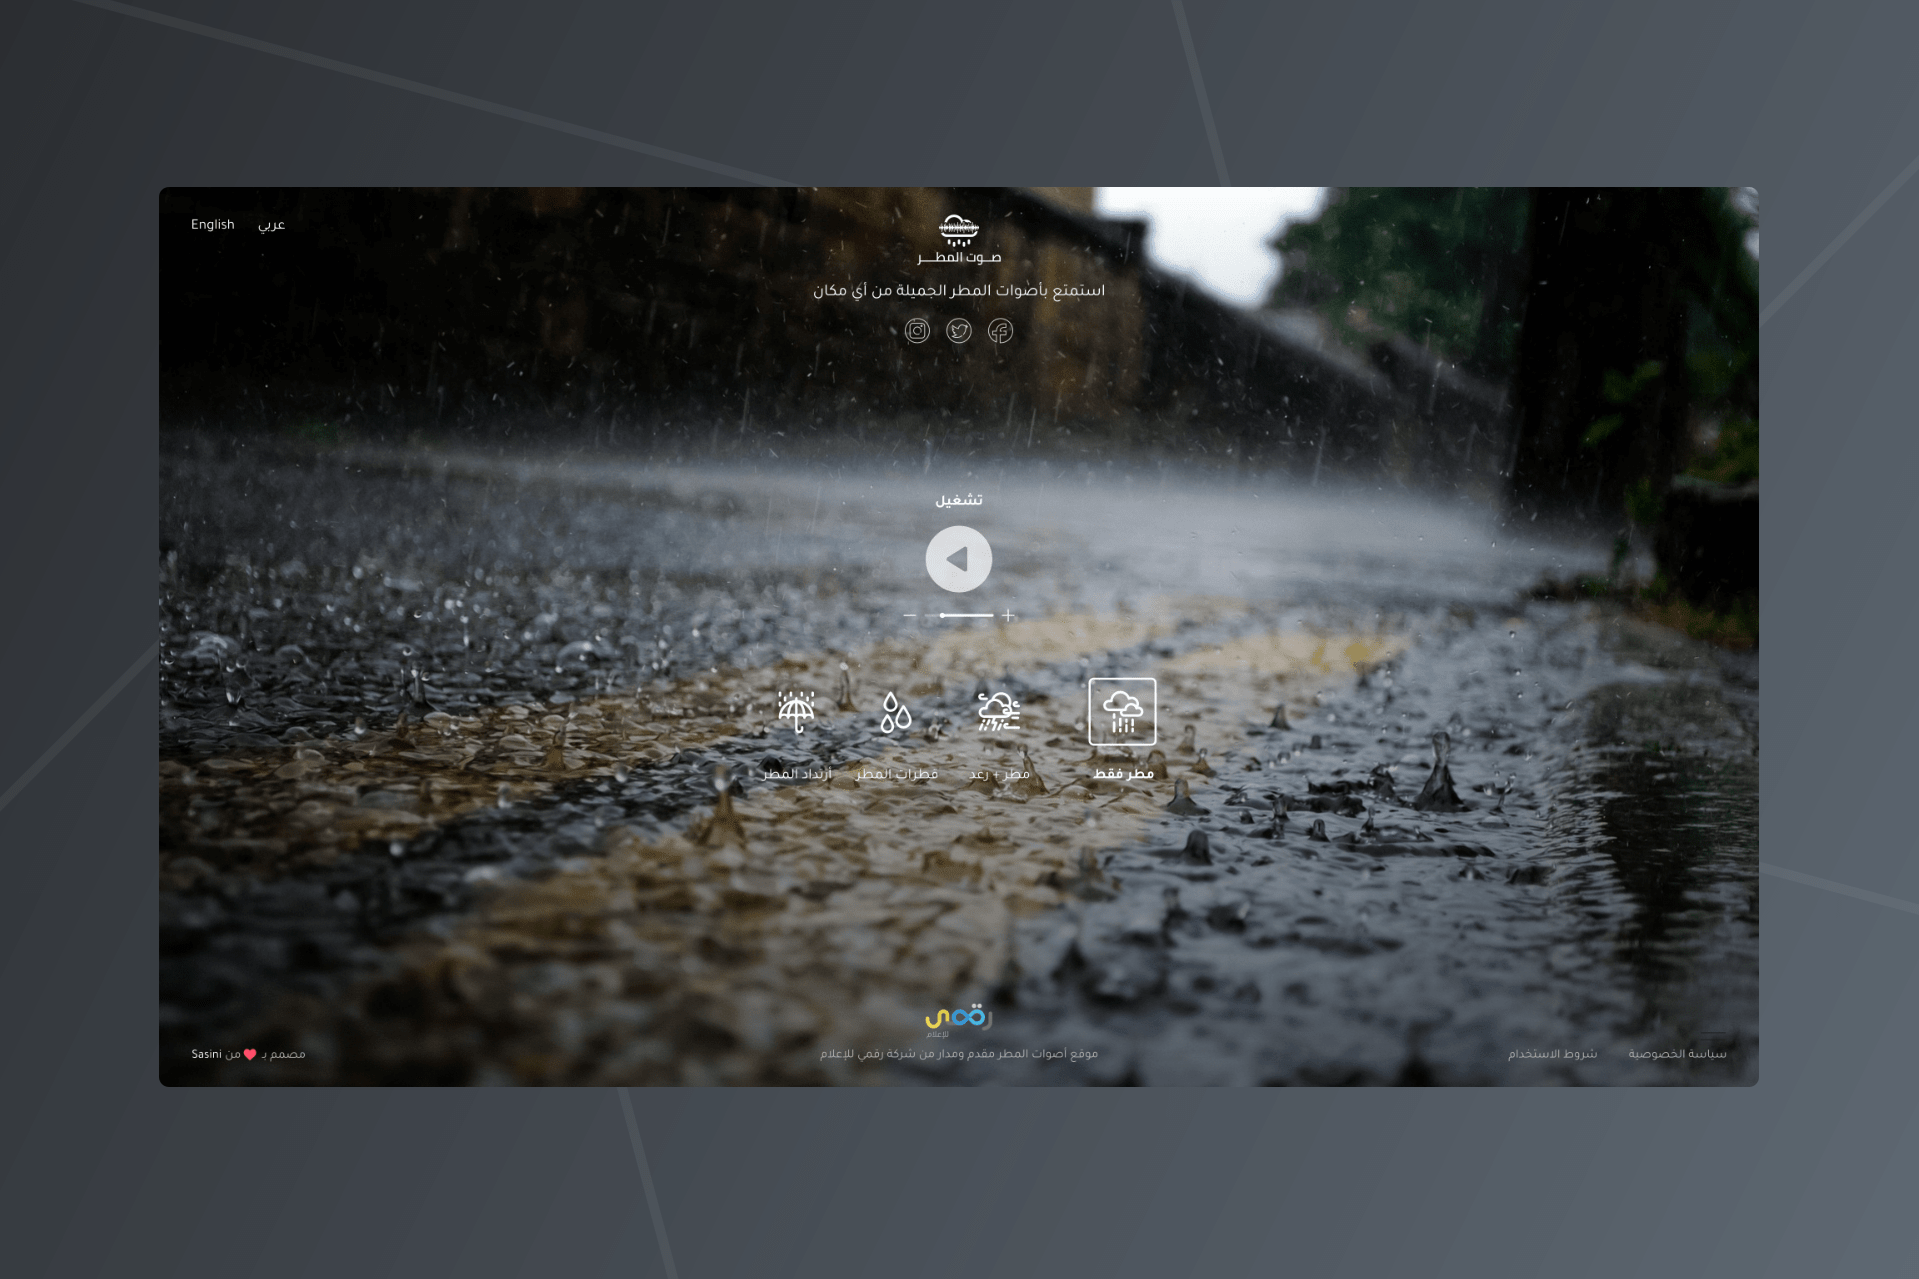 موقع للاستماع إلى صوت المطر